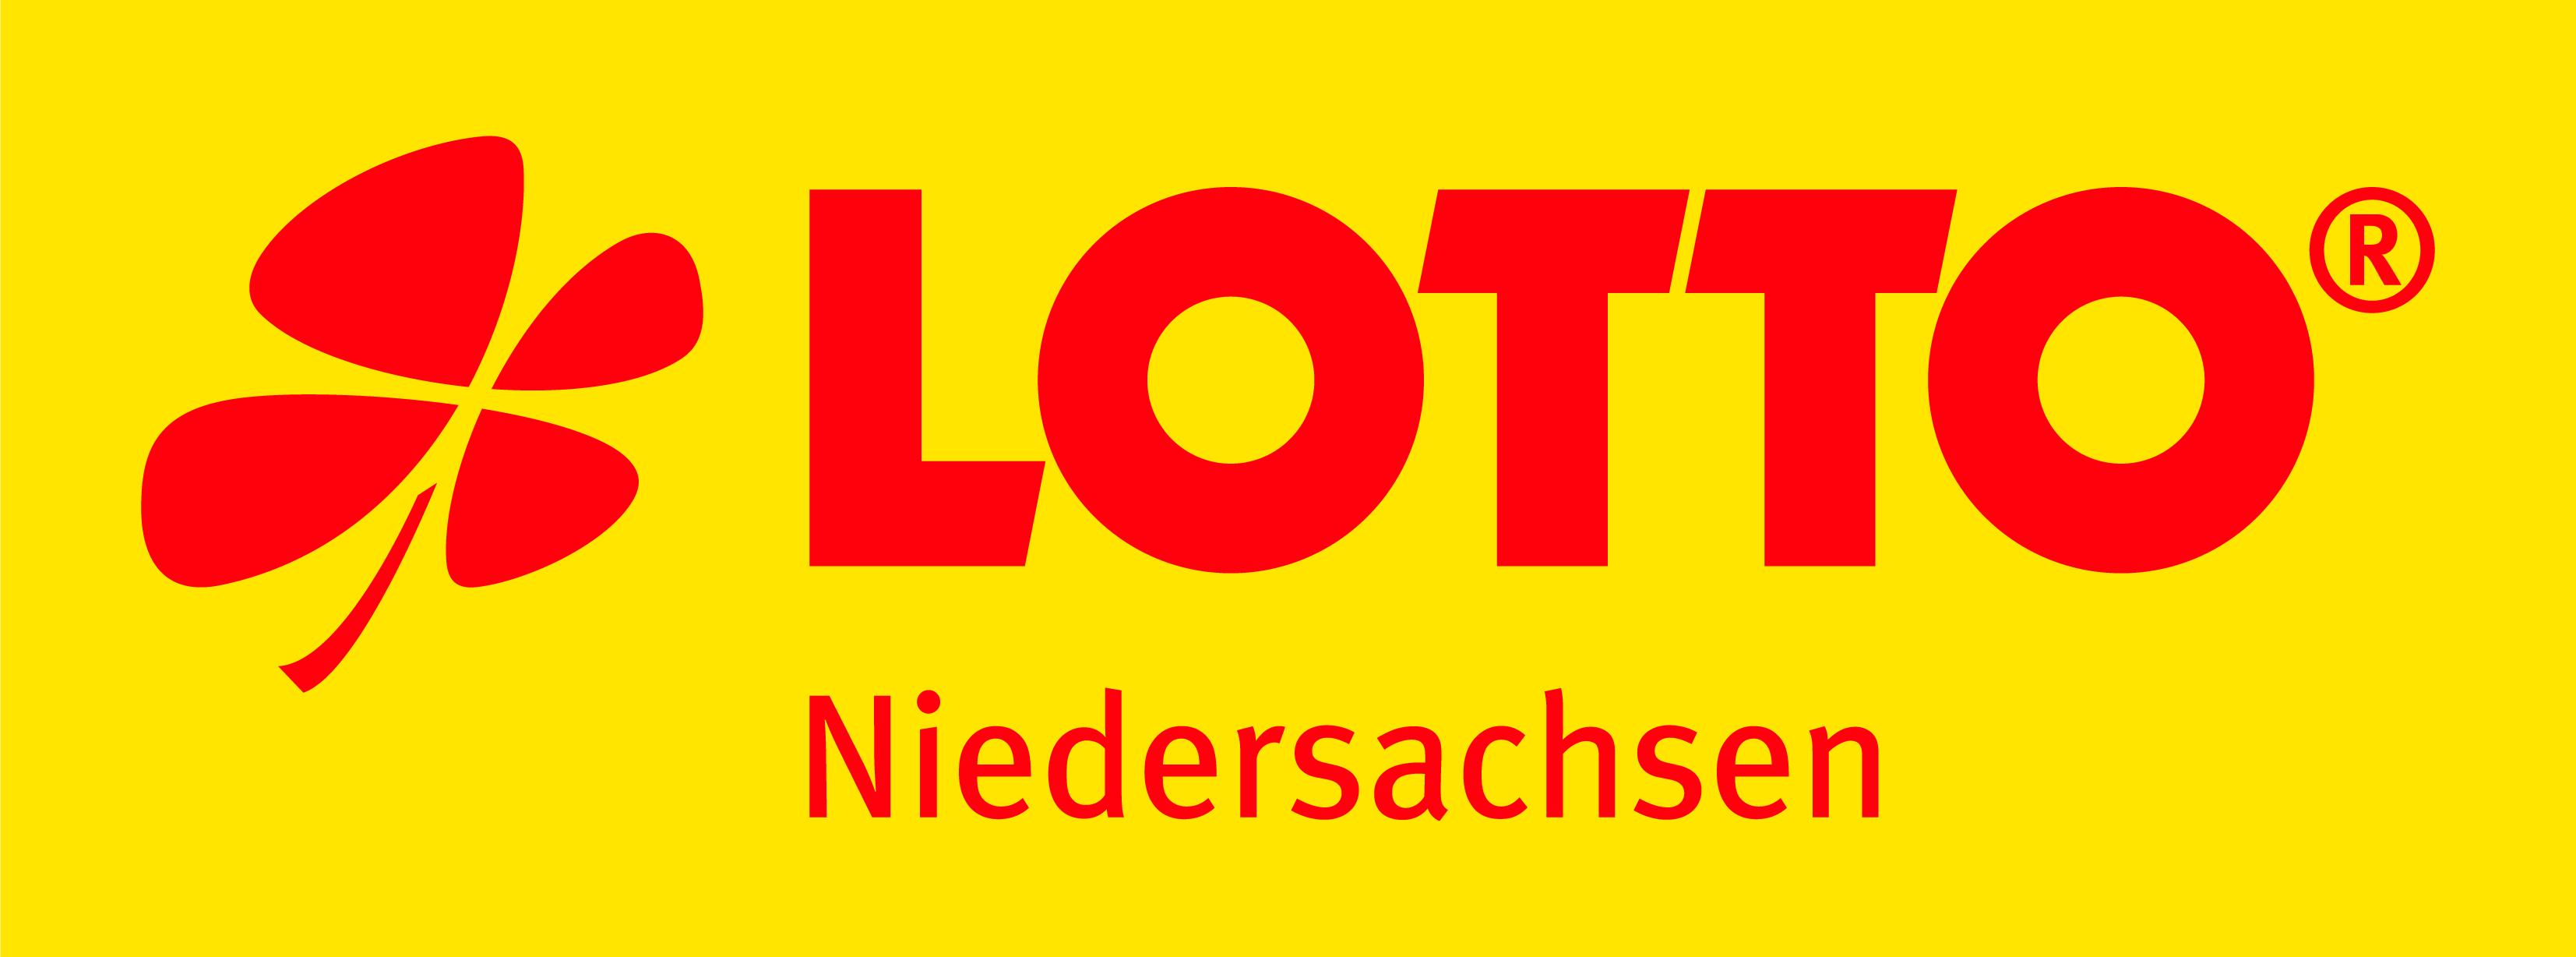 Willkommen Beim Behinderten Sportverband Niedersachsen